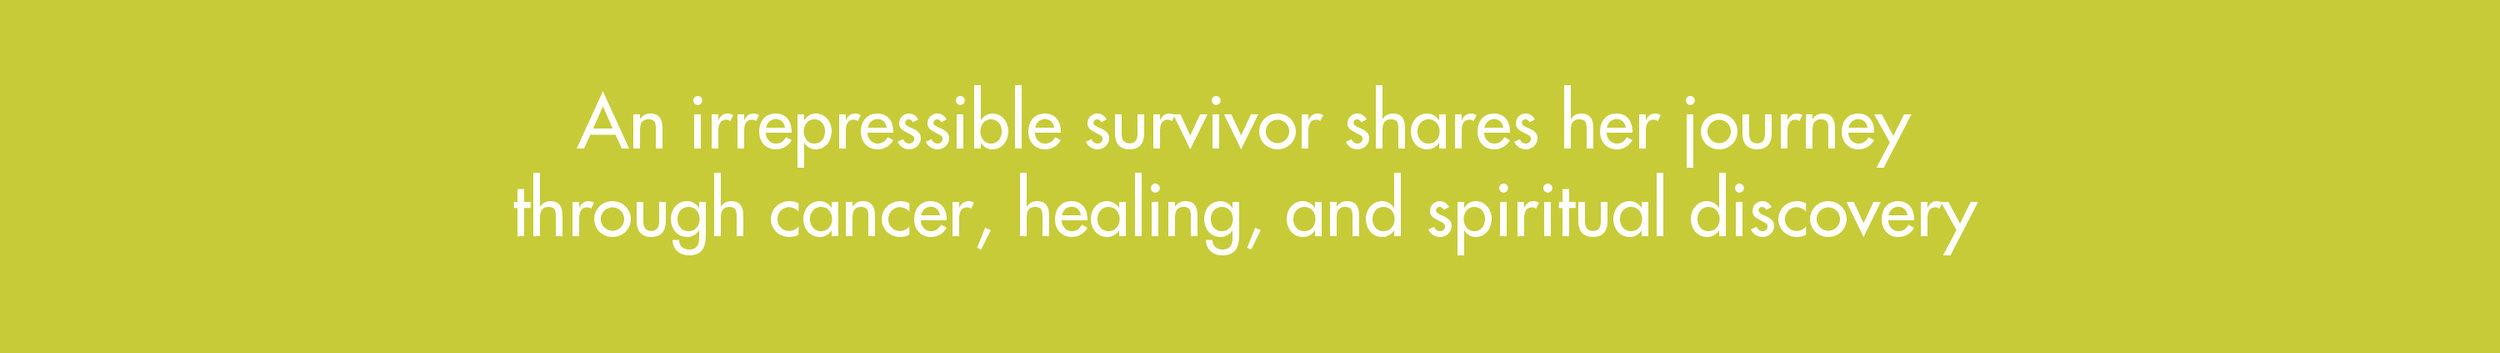 survivor1.jpg